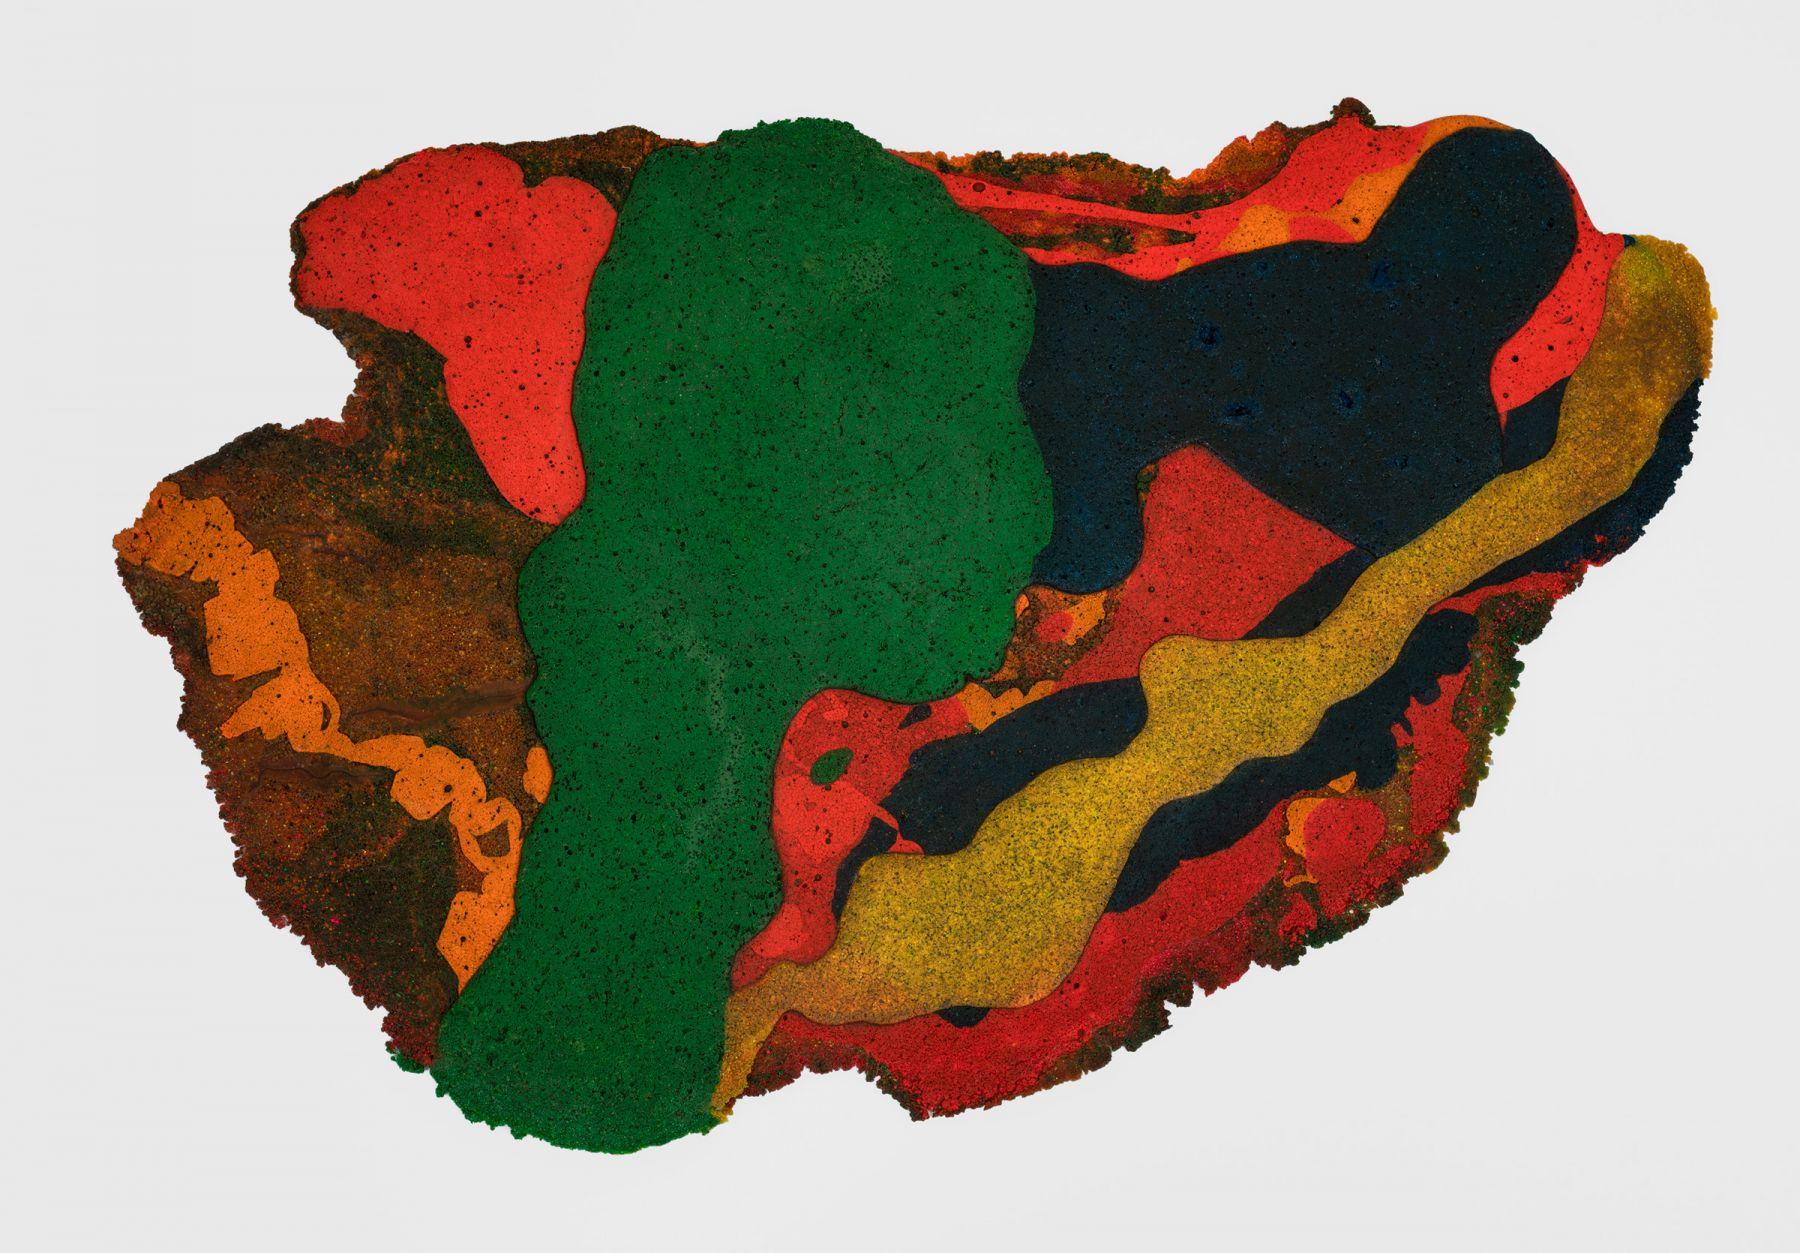 BE.16574 SHAPE SHIFTER artwork details